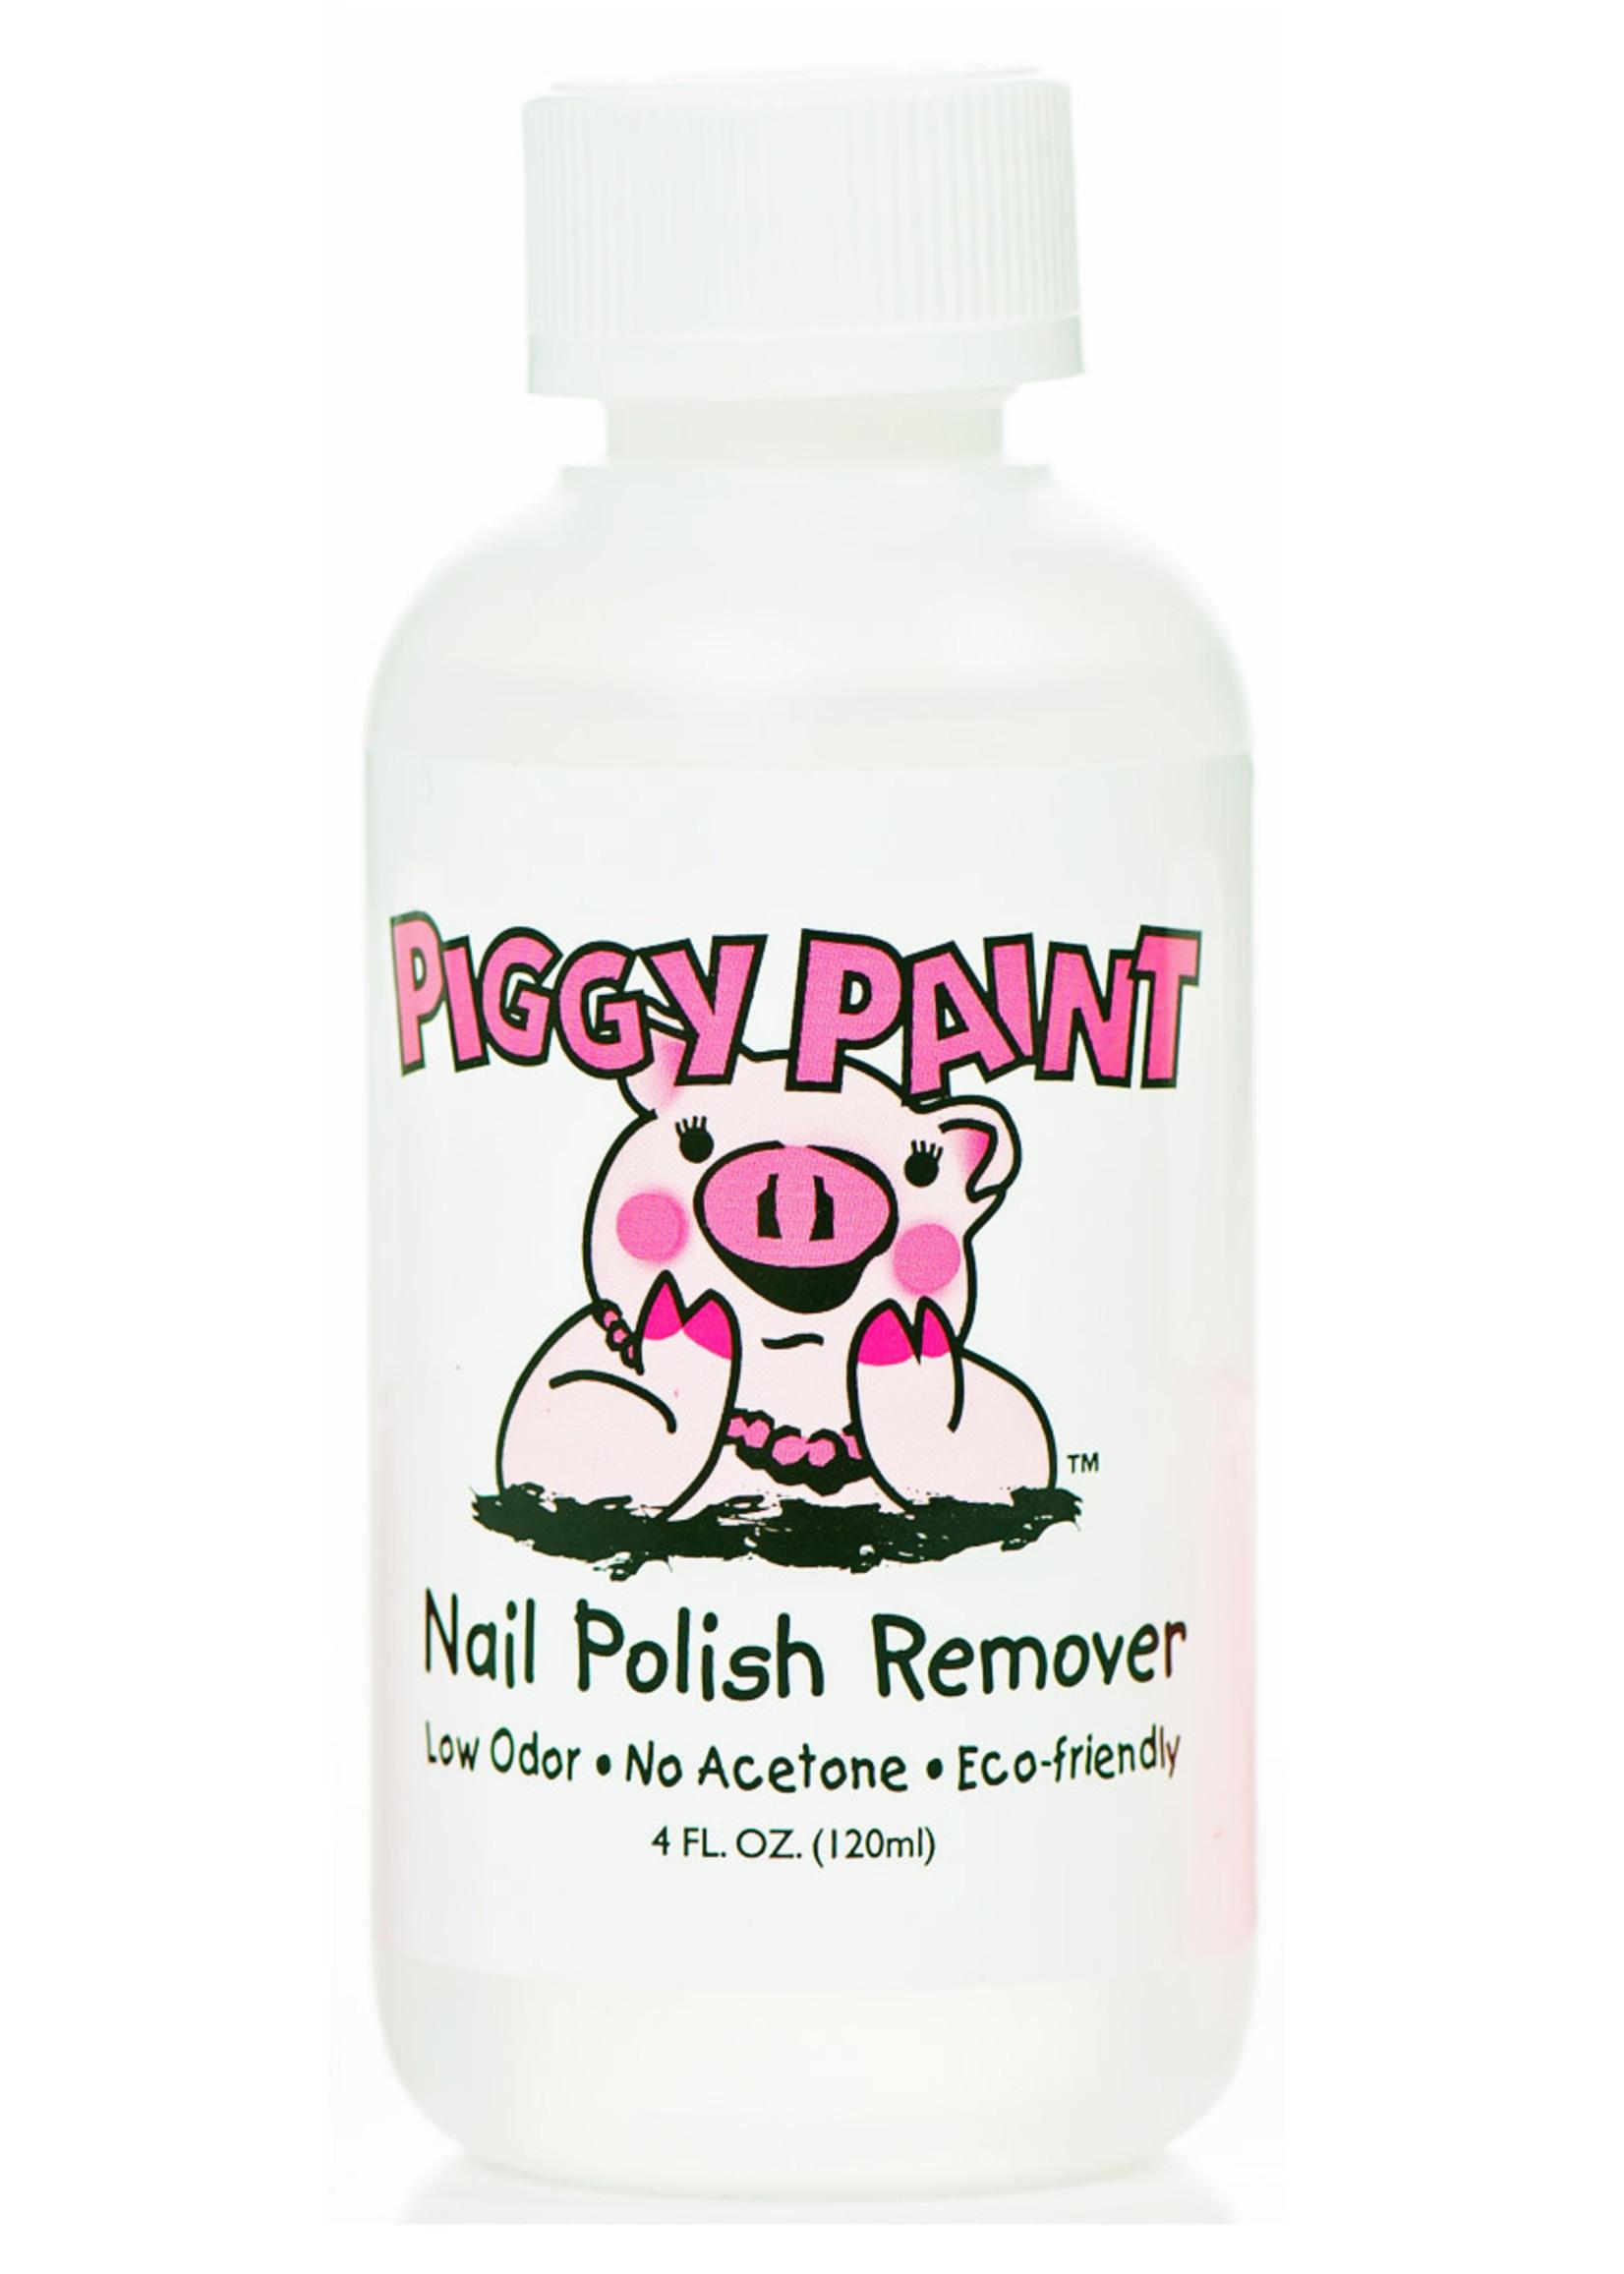 Piggy Paint Piggy Paint Nail Polish Remover